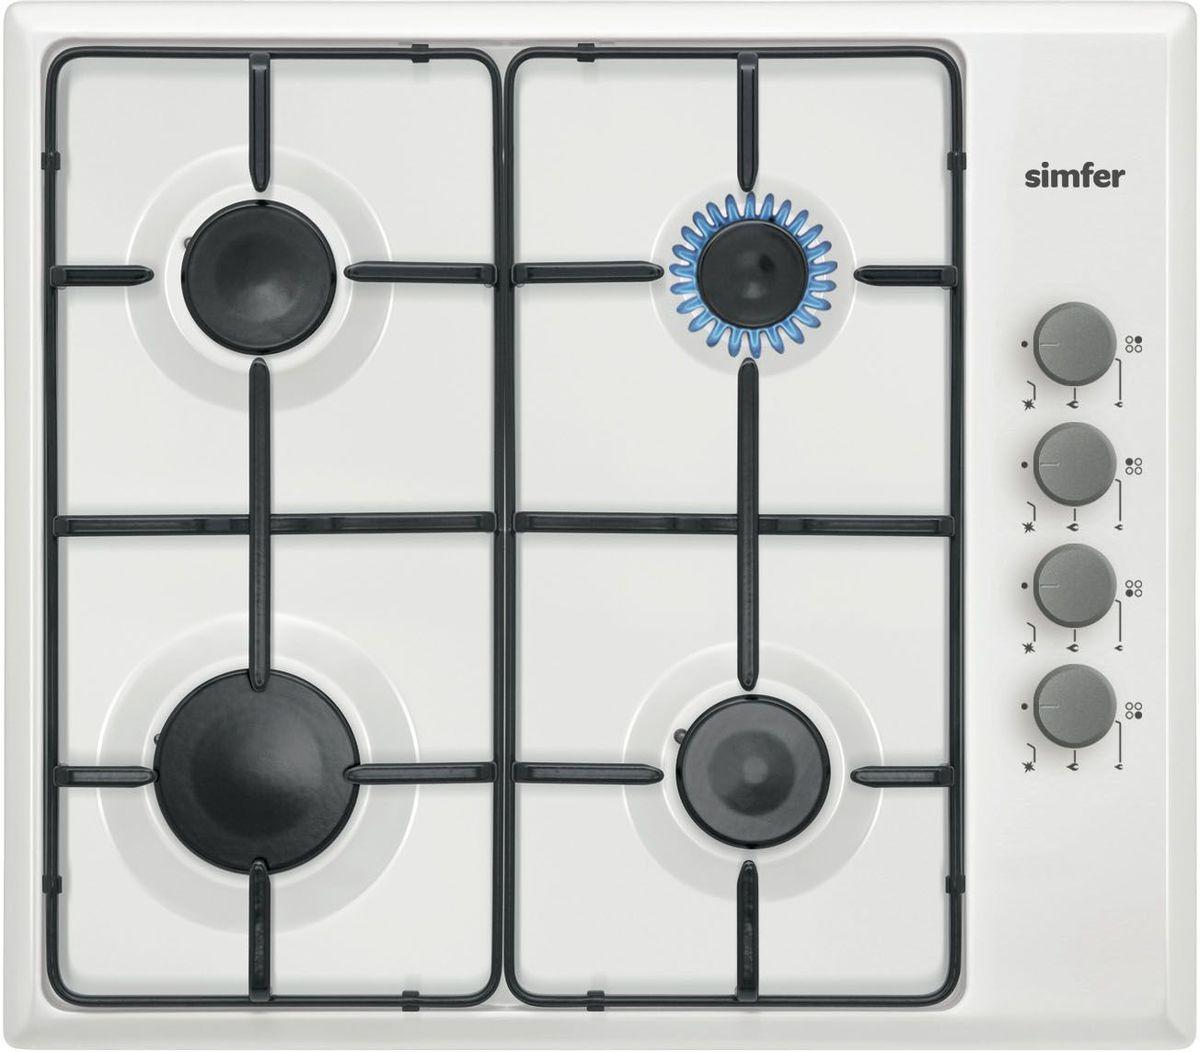 Simfer H60Q40W411 панель варочная газоваяH60Q40W411Газовая варочная панель Simfer H60Q40W411 с чистым пламенем доведет вашу сковороду до нужной температуры без всяких задержек. Включите её и всё днище сковороды будет моментально нагрето.Simfer H60Q40W411 упрощает приготовление и делает его безопаснее благодаря особой форме подставок, обеспечивающих абсолютную устойчивость посуды.Нет способа быстрее и удобнее для того, чтобы разжечь конфорку, чем автоподжиг варочной панели. Просто поверните ручку, чтобы открыть и зажечь газ одним плавным движением.